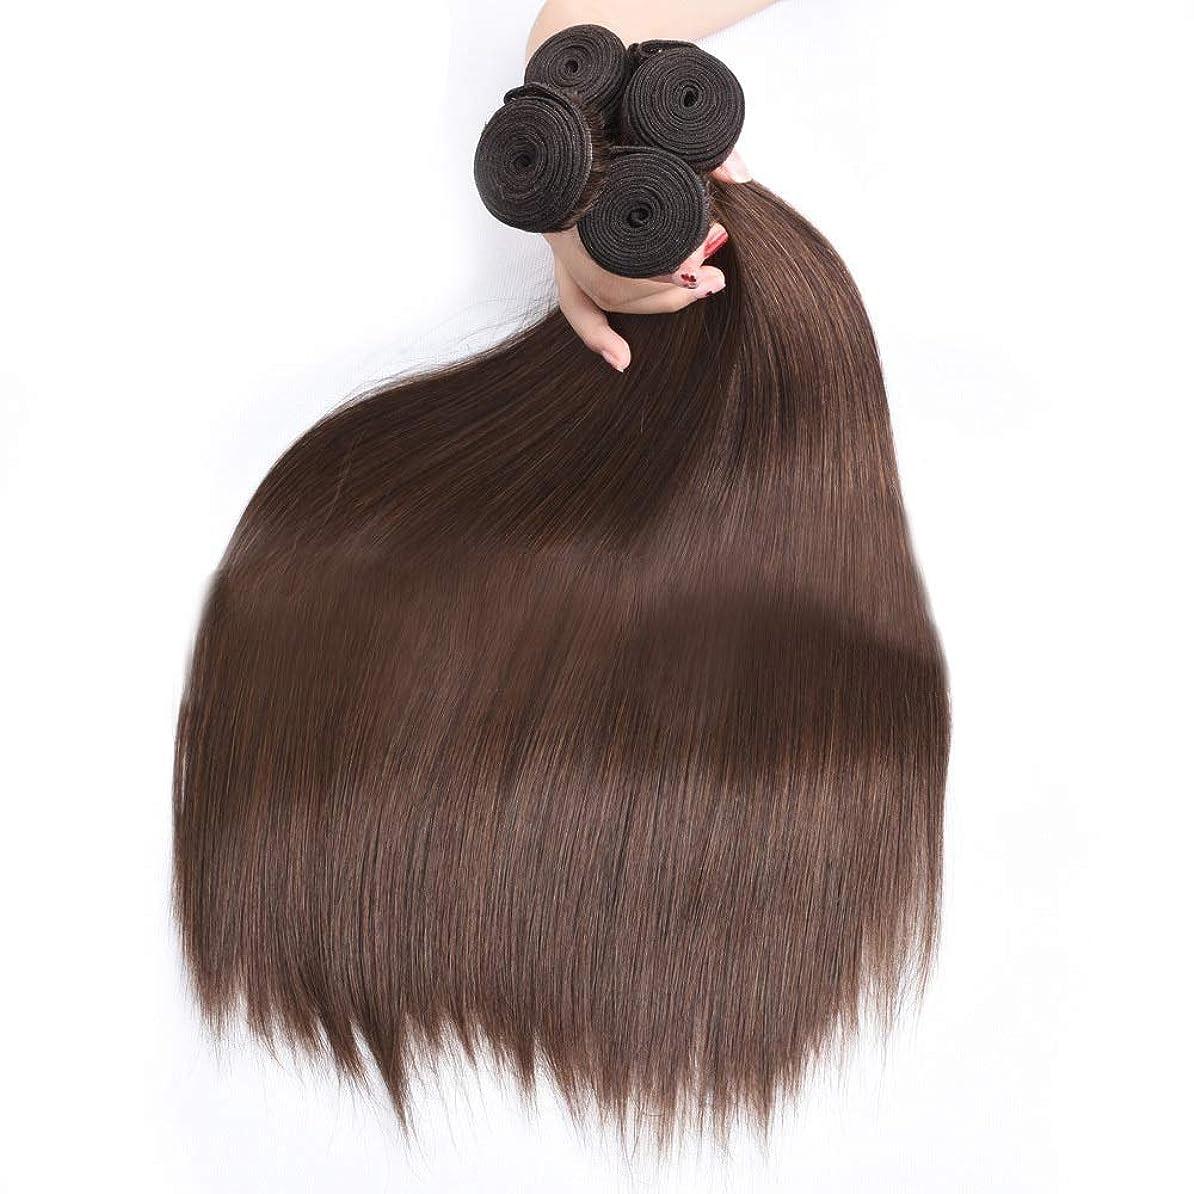 考え性別哀れなBOBIDYEE 絹のようなストレートの髪の束ブラジルのストレート本物の人間の髪の毛の拡張子#4ブラウン色ナチュラルルッキング(1バンドル、10-28インチ)女性用合成かつらレースかつらロールプレイングかつら (色 : ブラウン, サイズ : 26 inch)